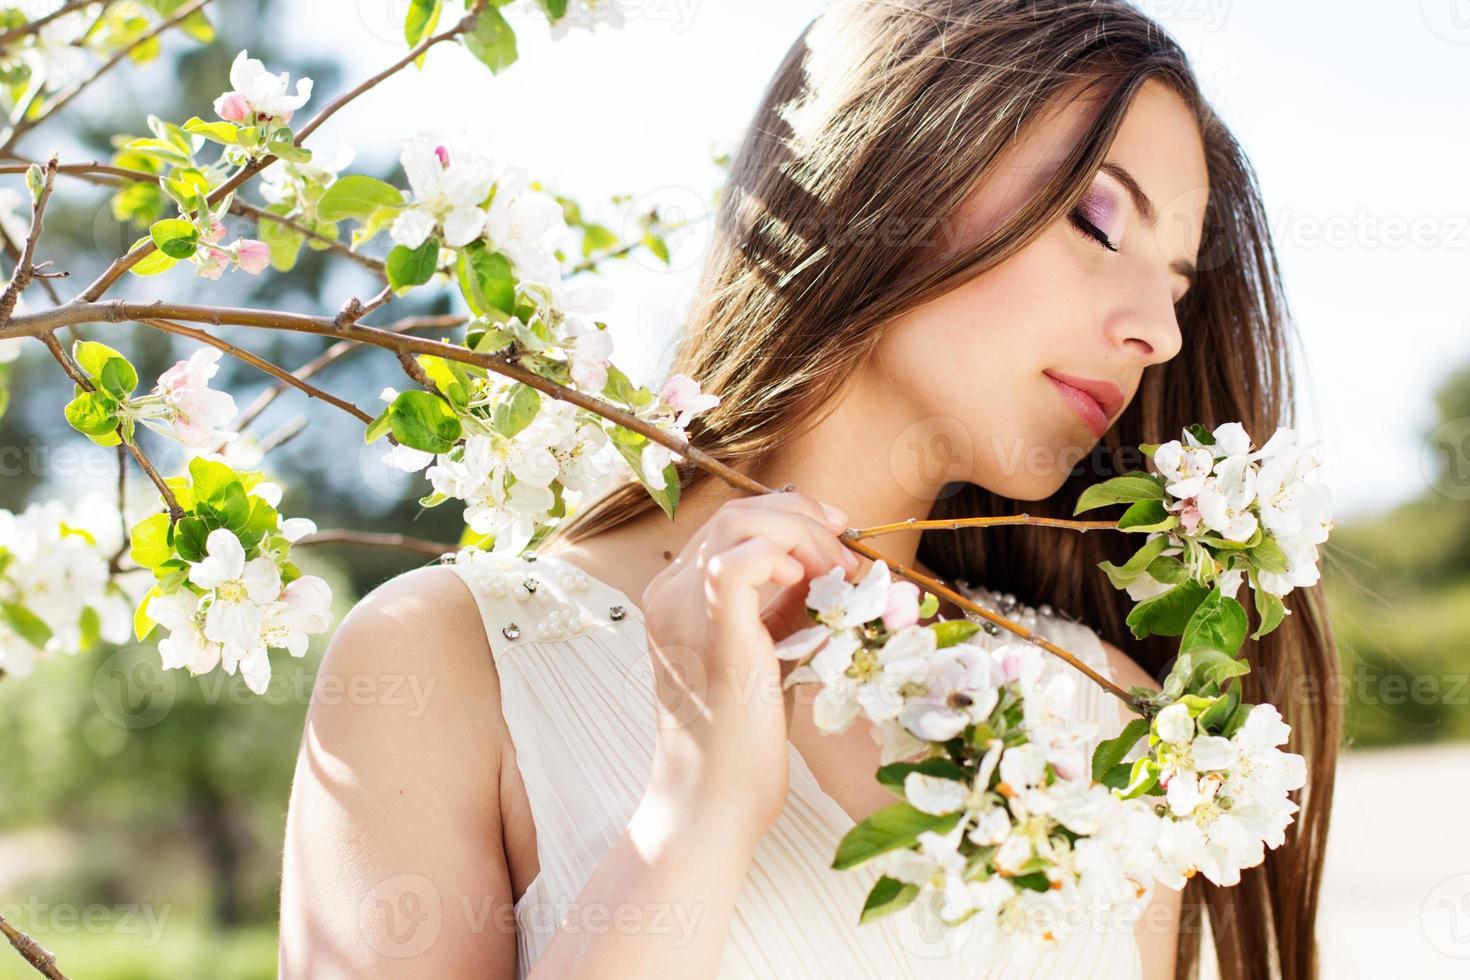 belle fille dans un jardin de fleurs de cerisier photo